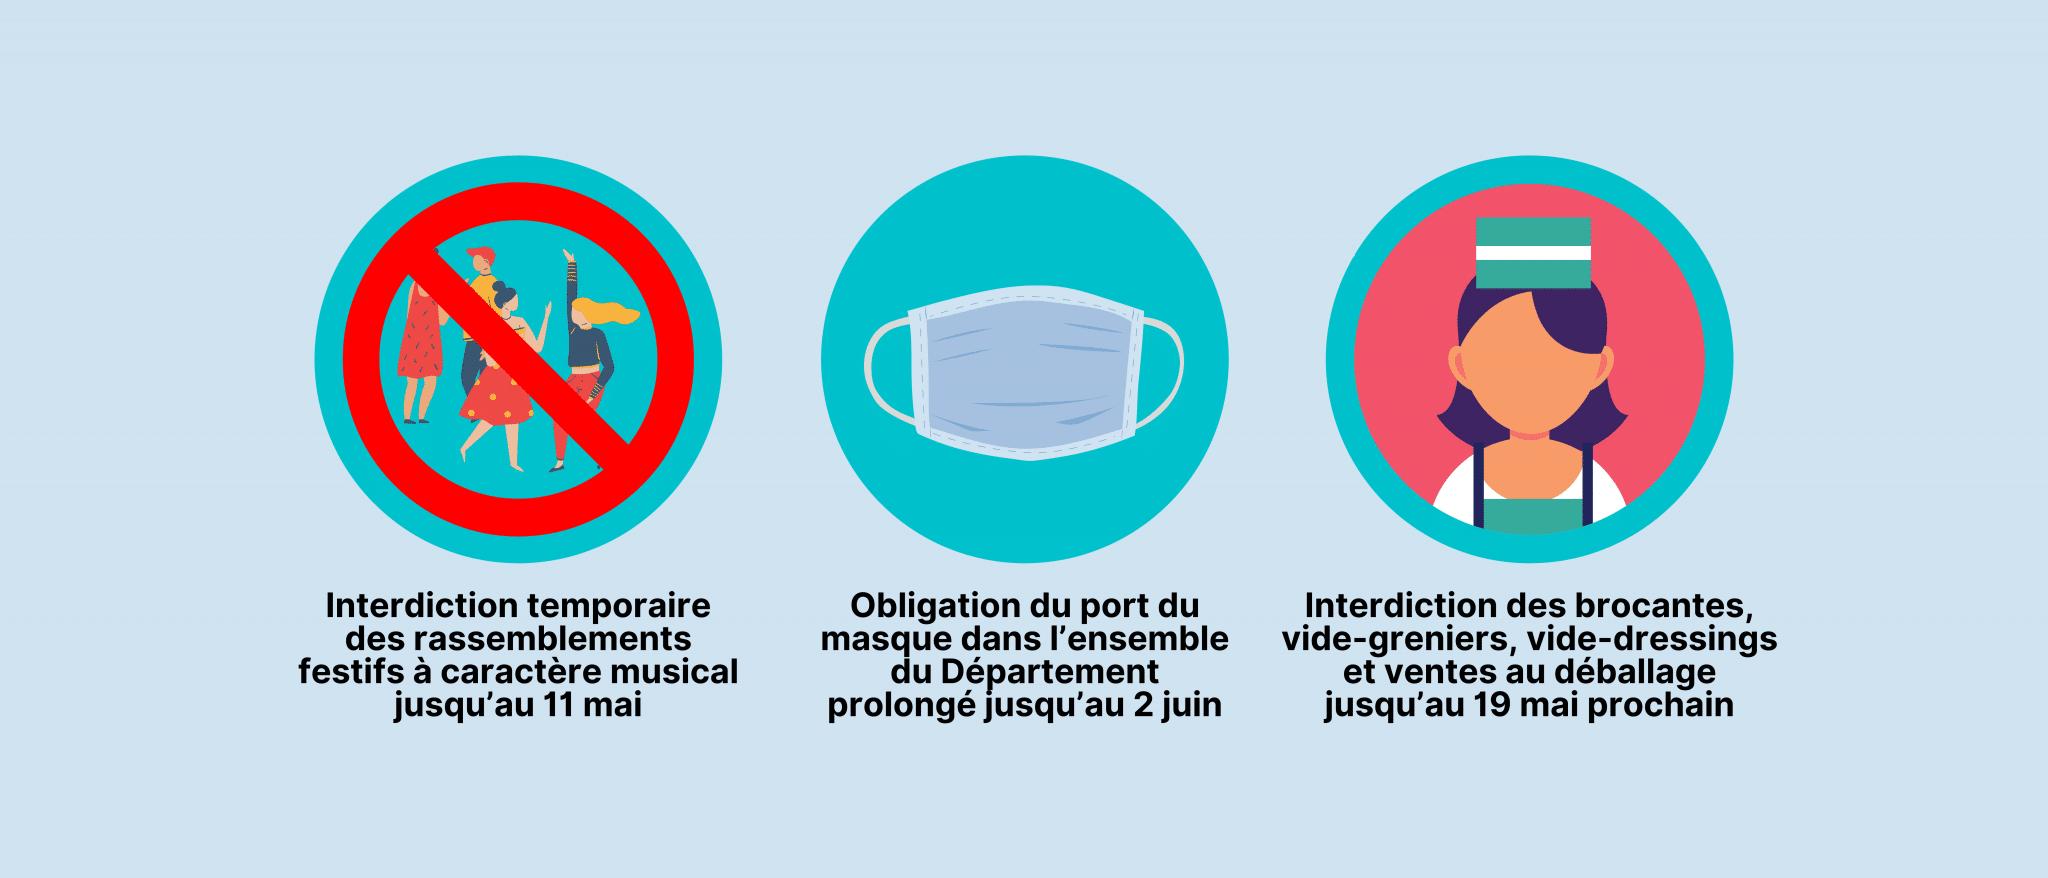 Arrêtés – Situation sanitaire, Mairie de Mésanger